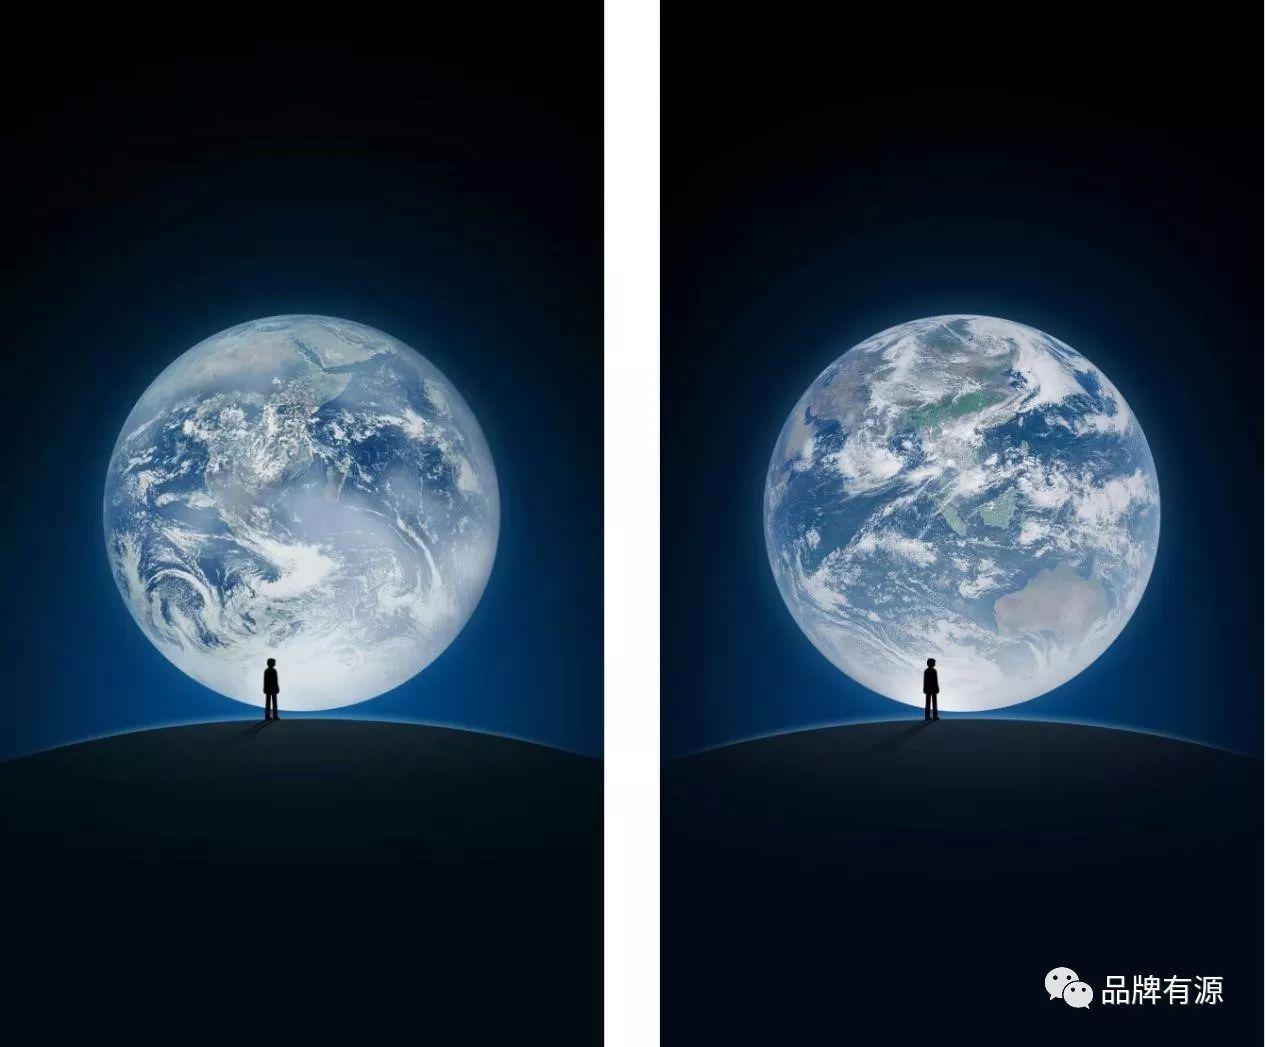 微信启动画面6年首变化,换国产卫星拍摄地球图像